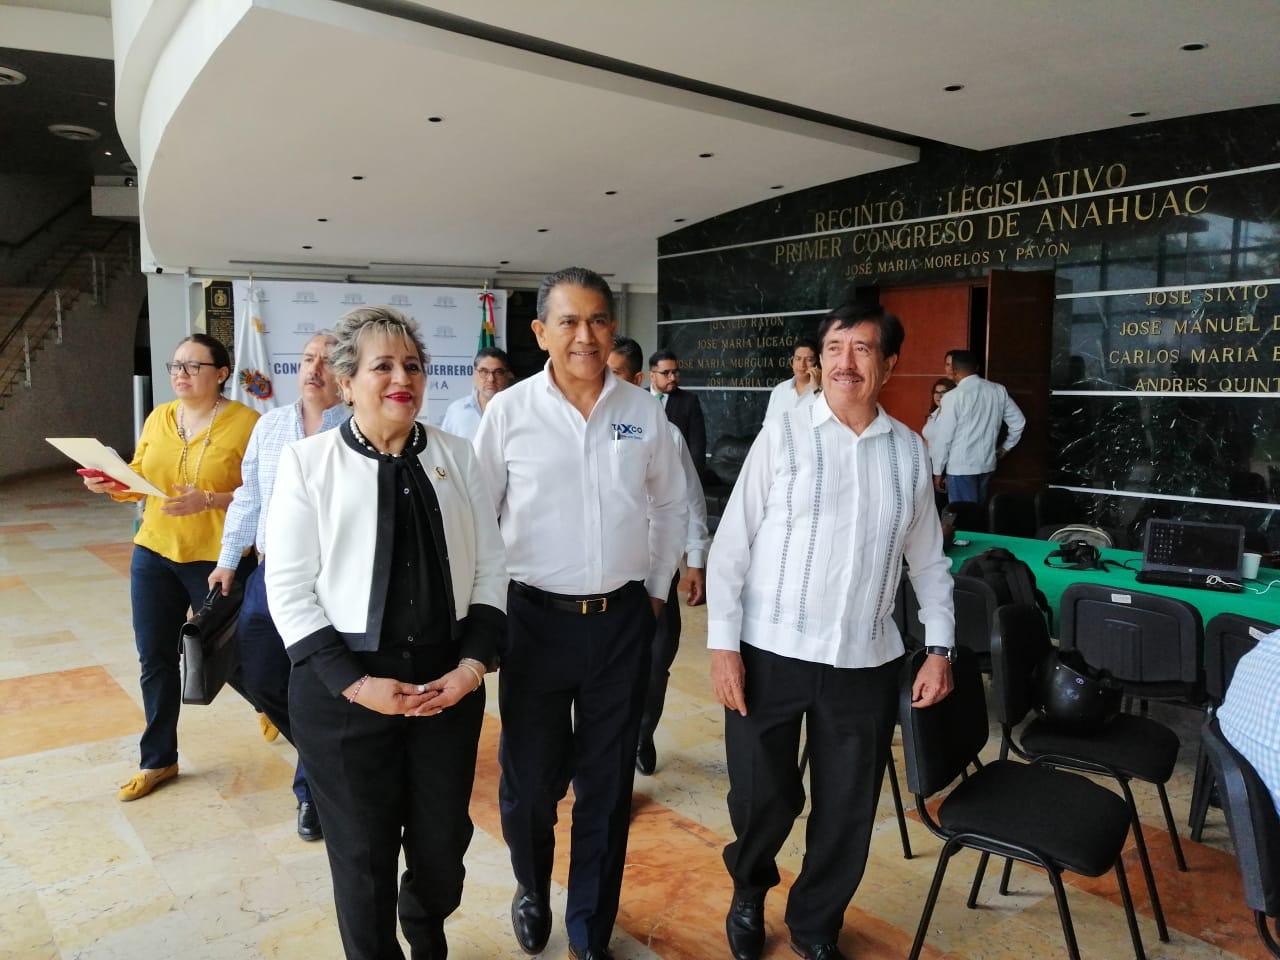 Alcaldes y síndicos comparecen en el Congreso por caso Ayotzinapa